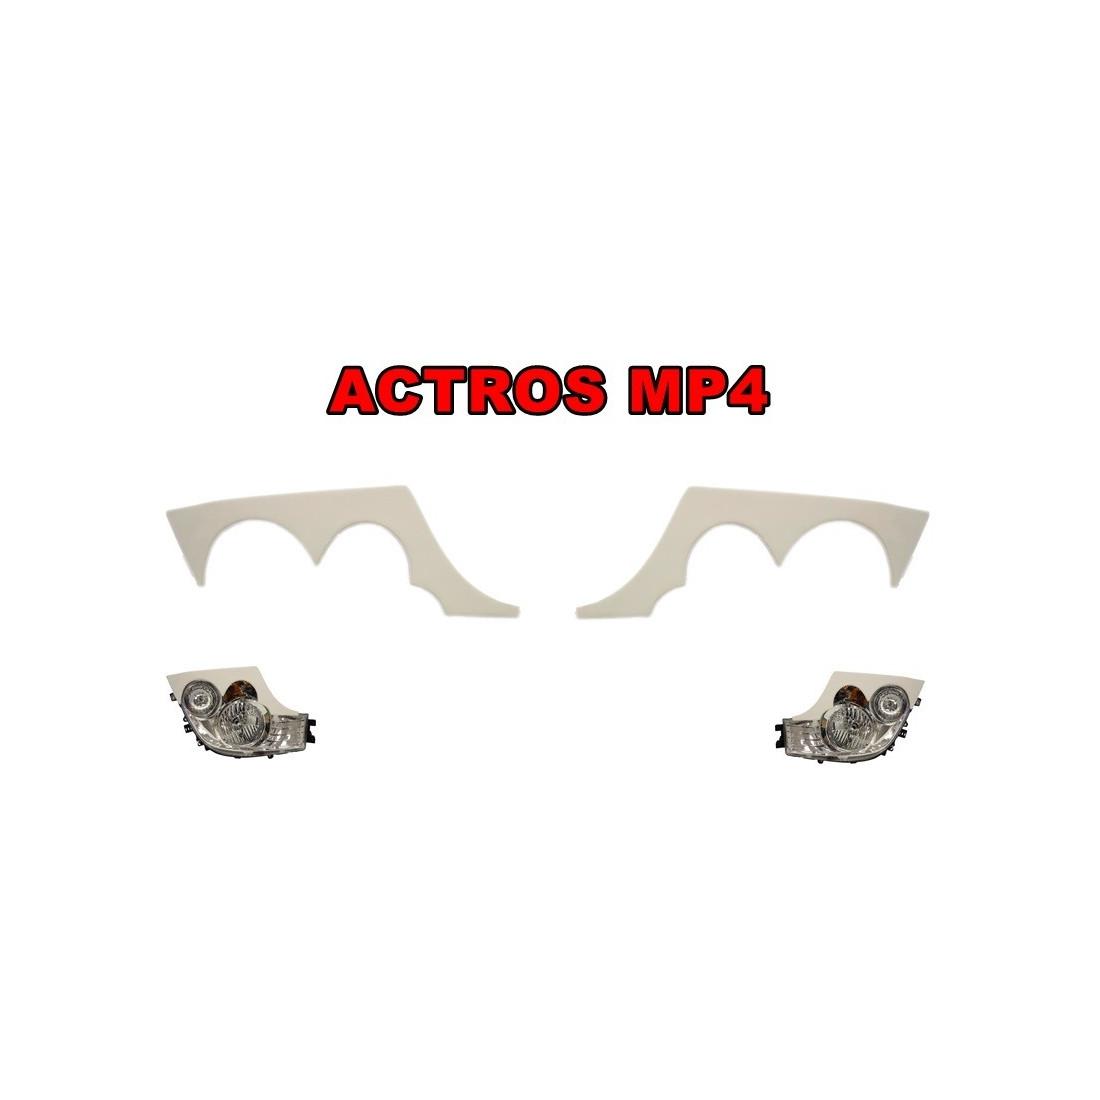 EYELIDS MERCEDES ACTROS MP4